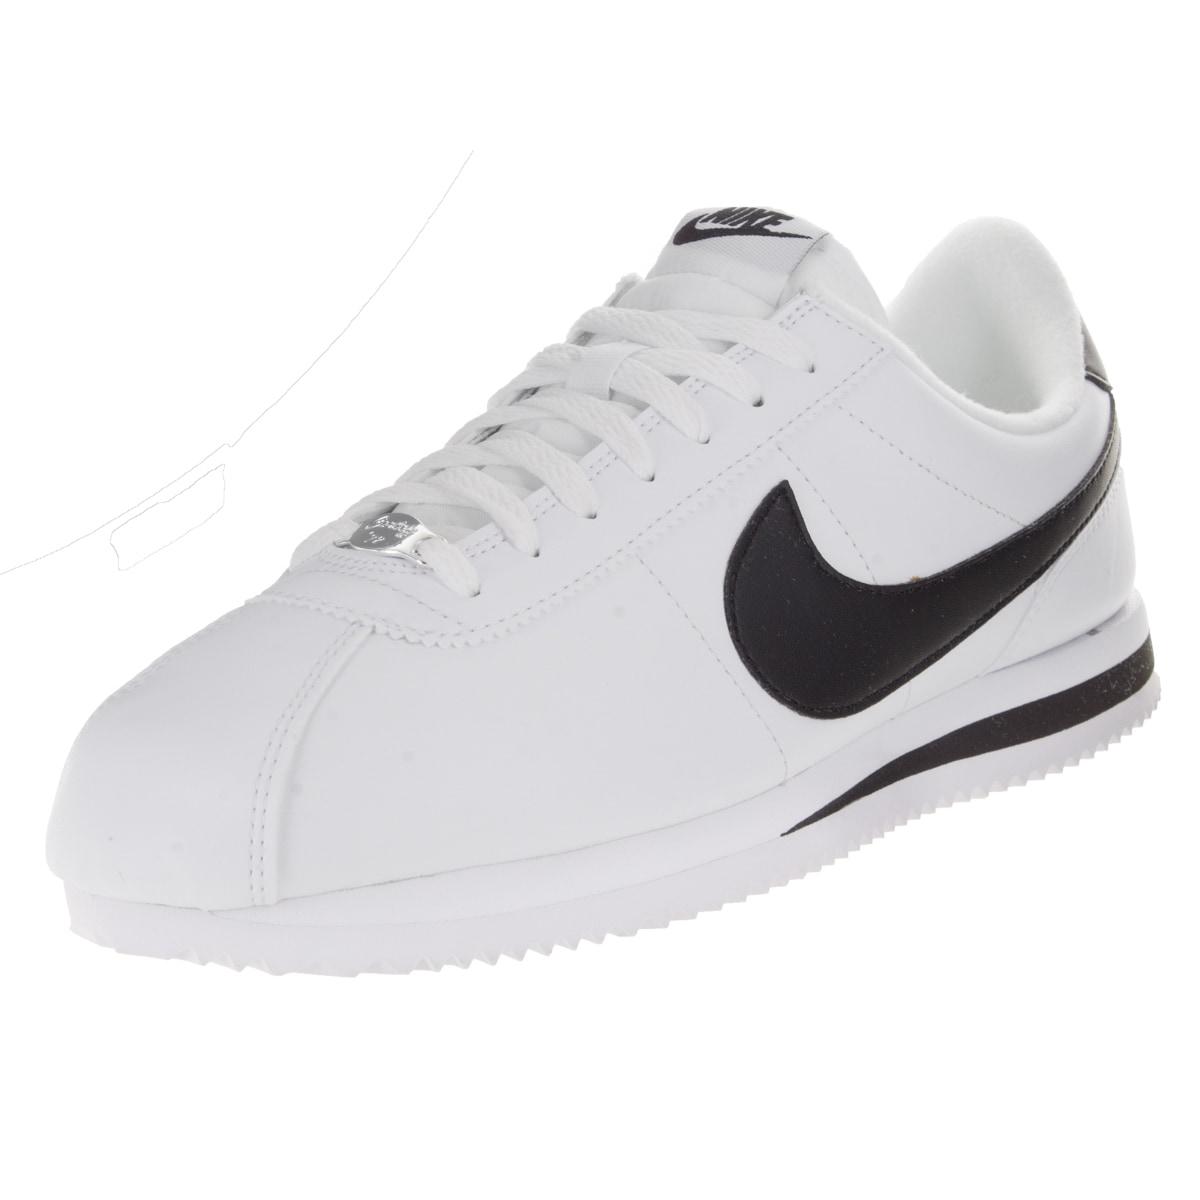 Nike Men's Cortez Basic Leather White/Black/Metallic Silv...